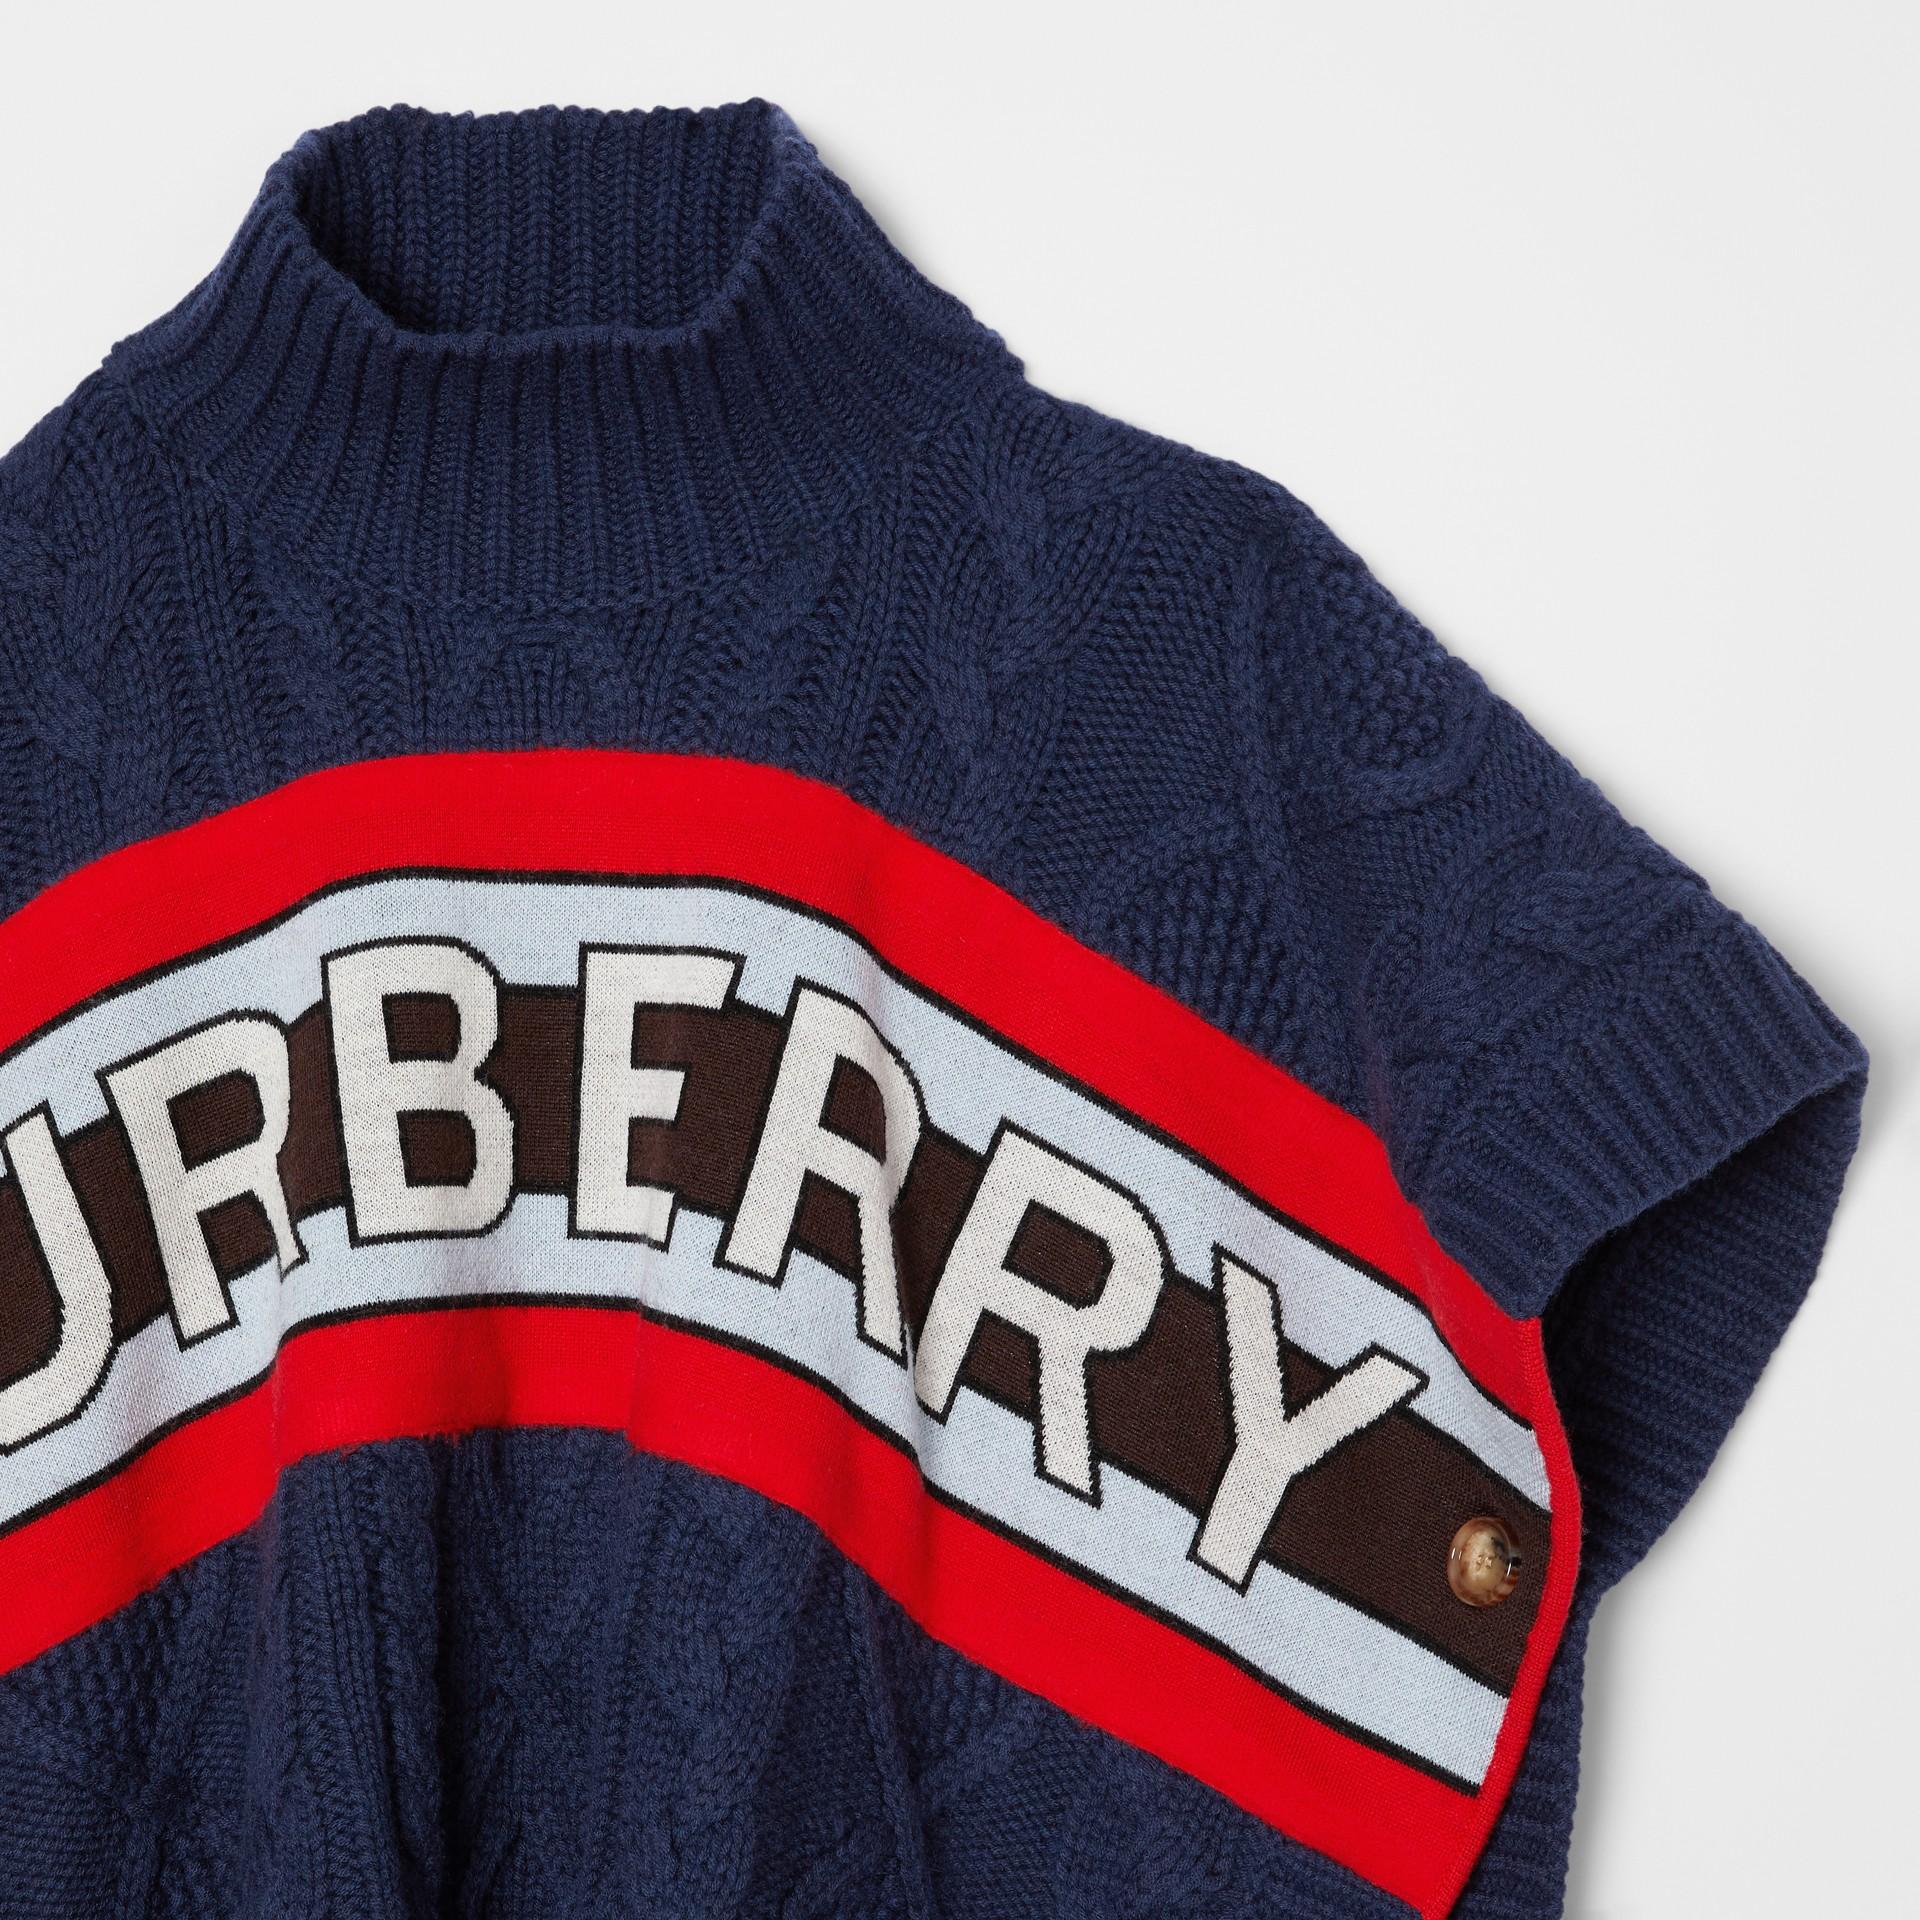 로고 패널 케이블 니트 울 캐시미어 판초 (네이비) | Burberry - 갤러리 이미지 4